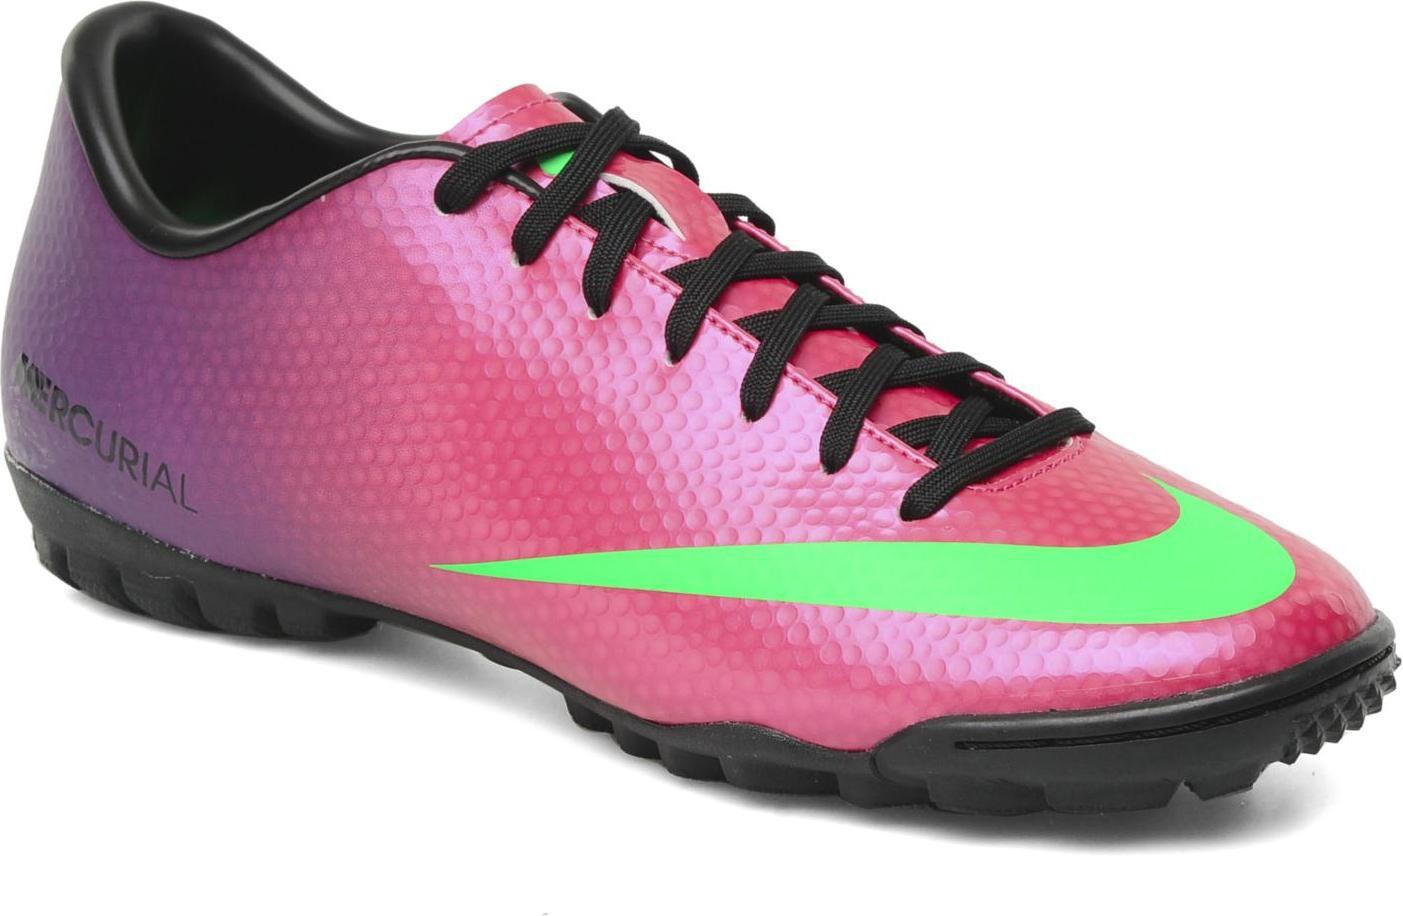 sale retailer 5f01c 195fd Nike Mercurial Victory IV TF - opinie użytkowników Opineo.pl